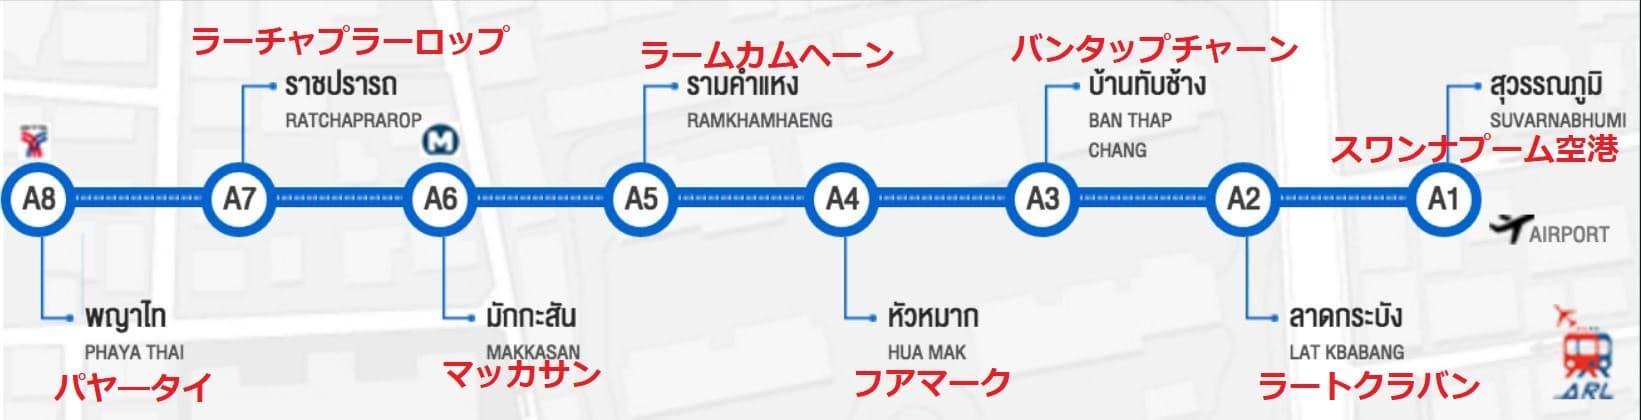 バンコク エアポートリンク マップ